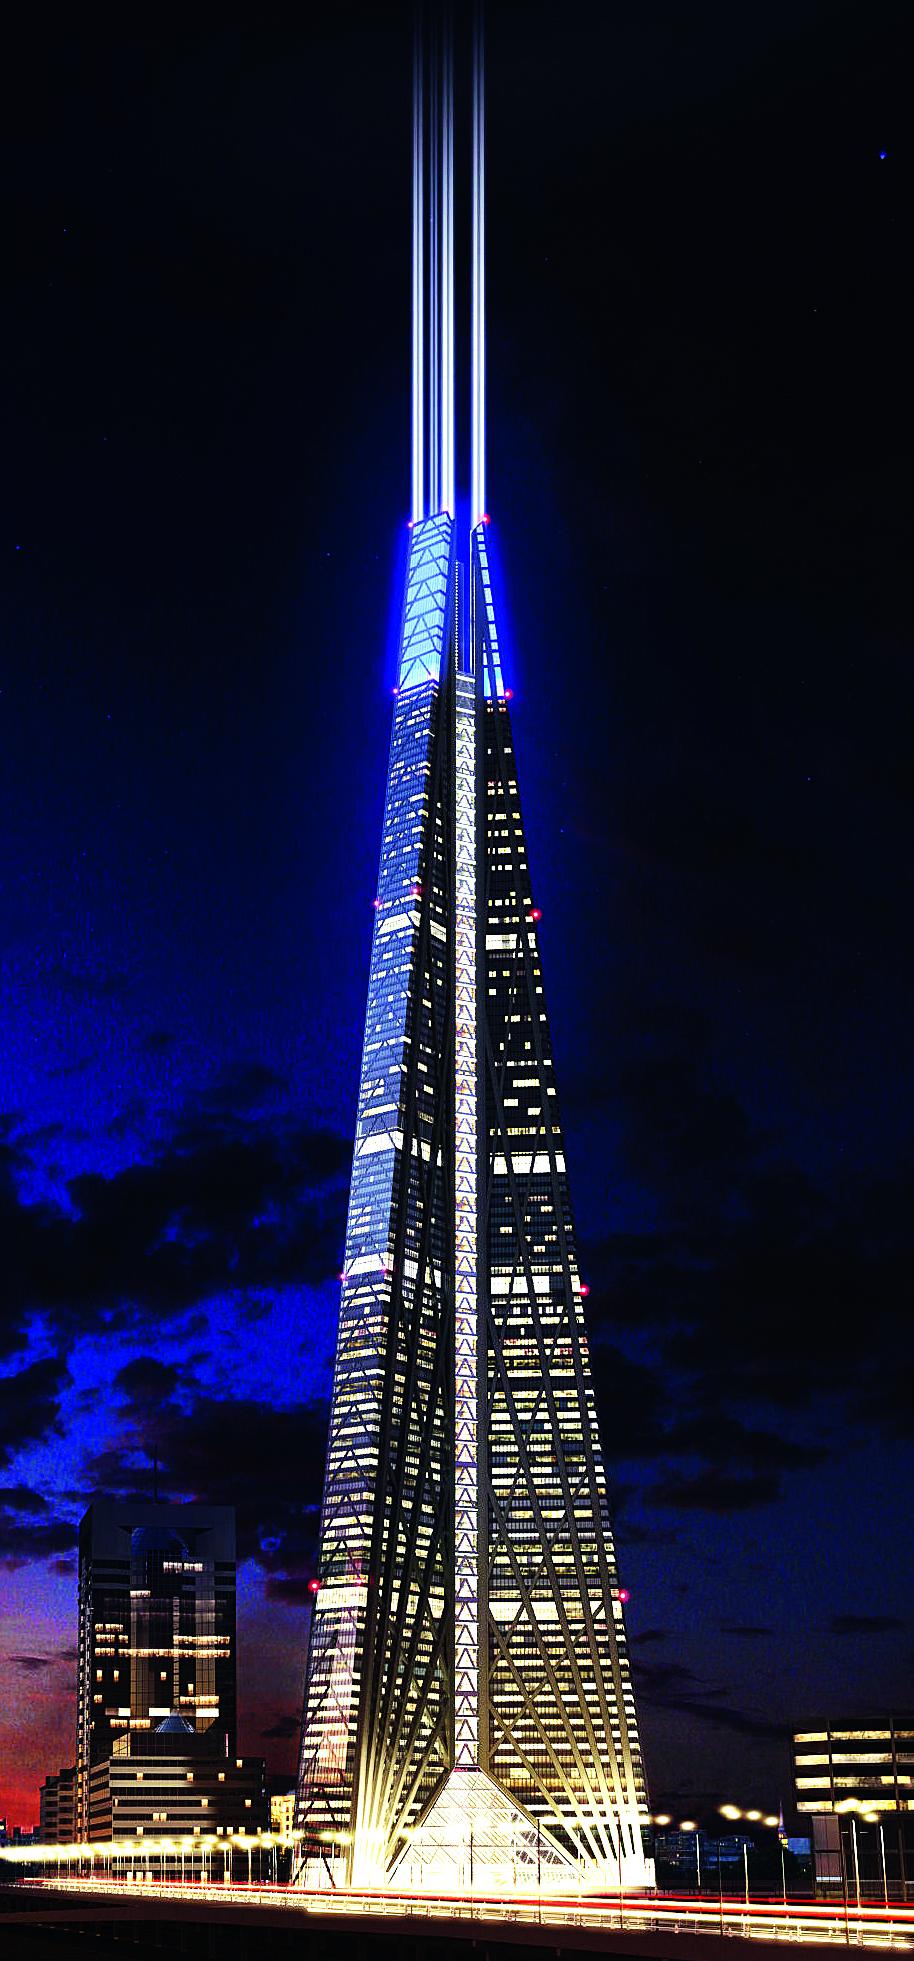 Спроектированный Норманом Фостером 600-метровый небоскреб «Россия» Надер назвал «башней гигантских размеров с непо- нятной экономикой»